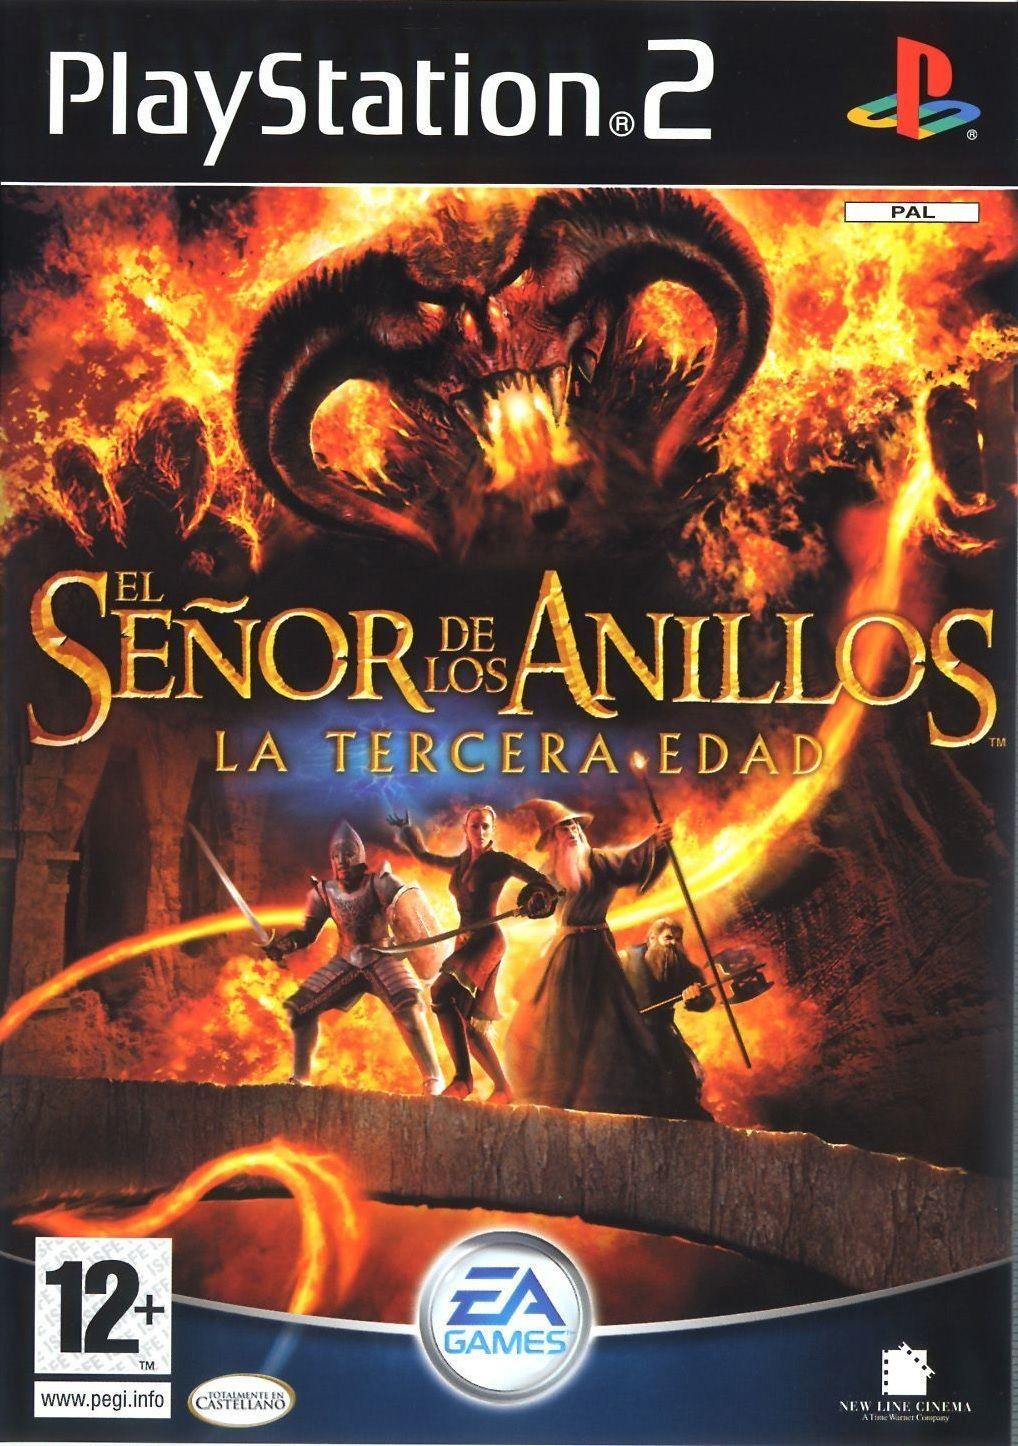 El Señor De Los Anillos La Tercera Edad 2004 Jogos De Playstation Playstation 2 Jogo Da Vida